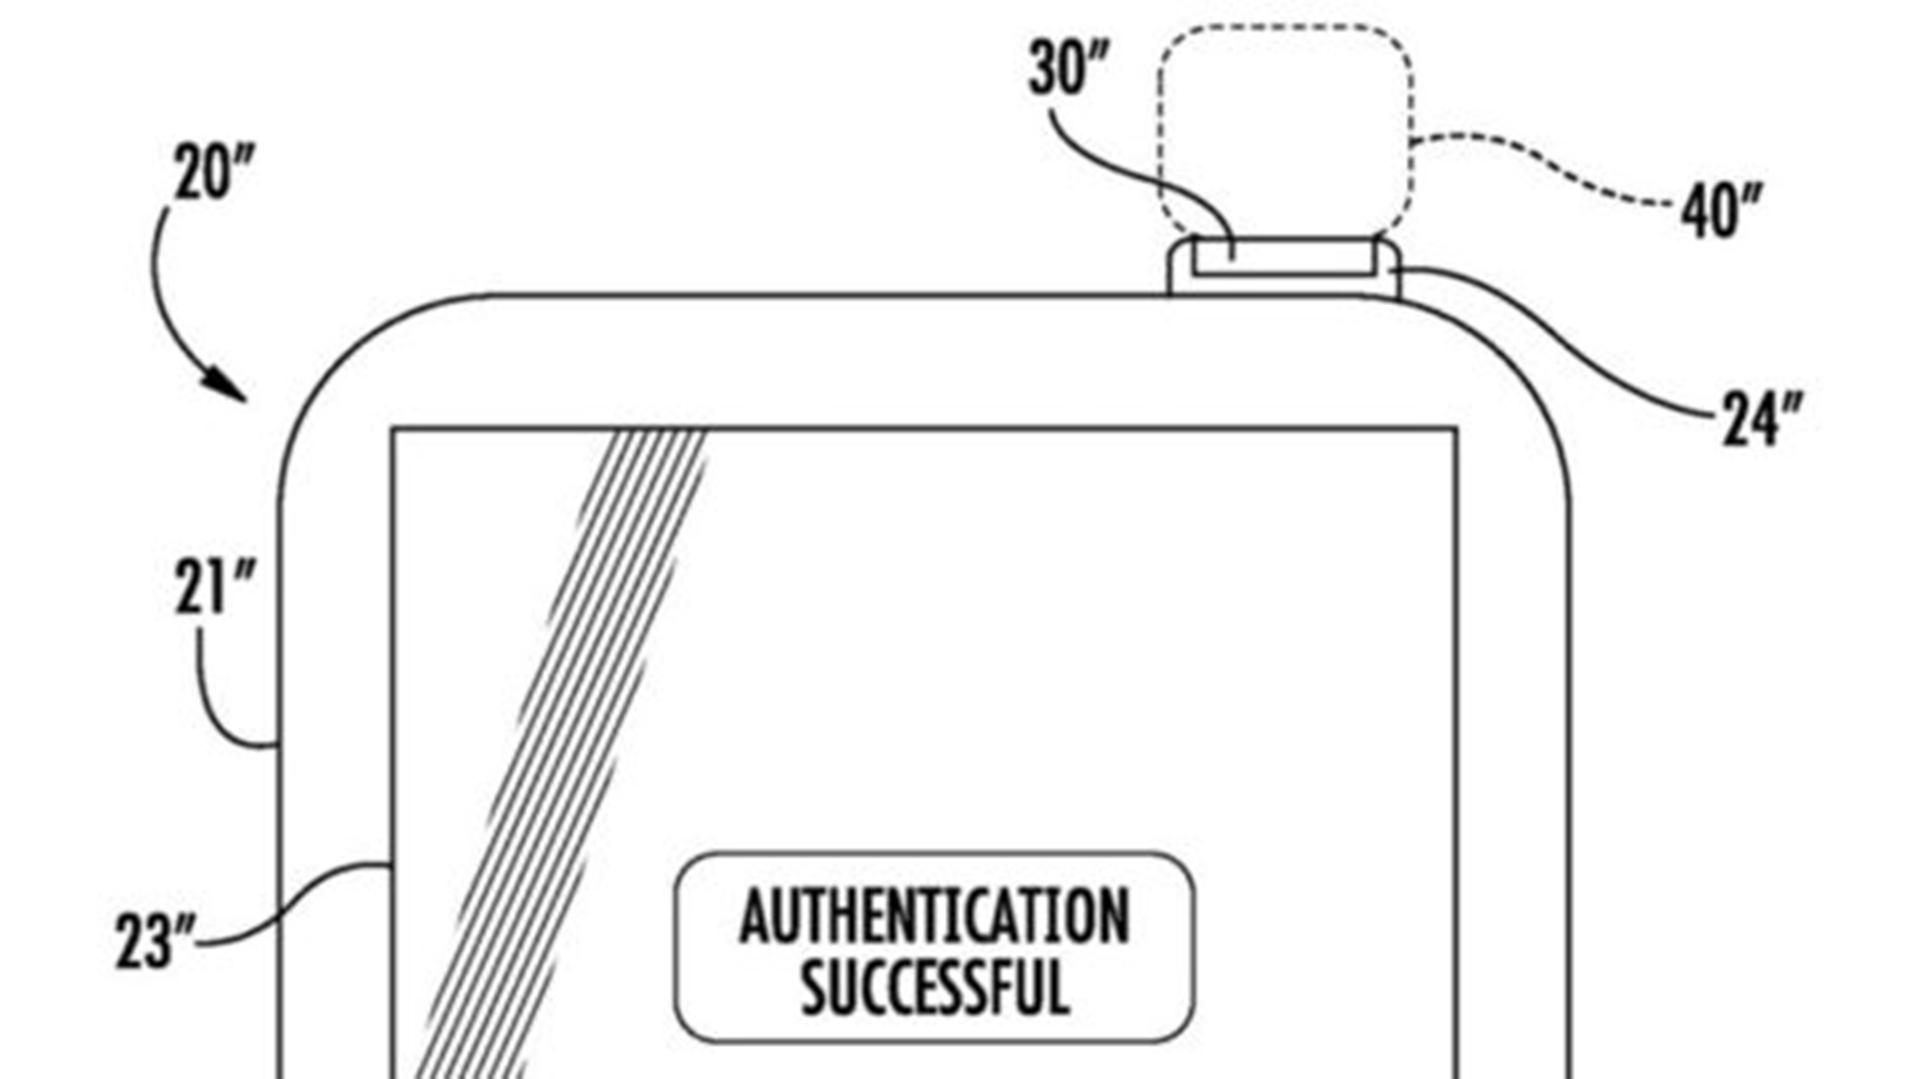 De acuerdo con una filtración el Touch ID estaría en el lateral del teléfono